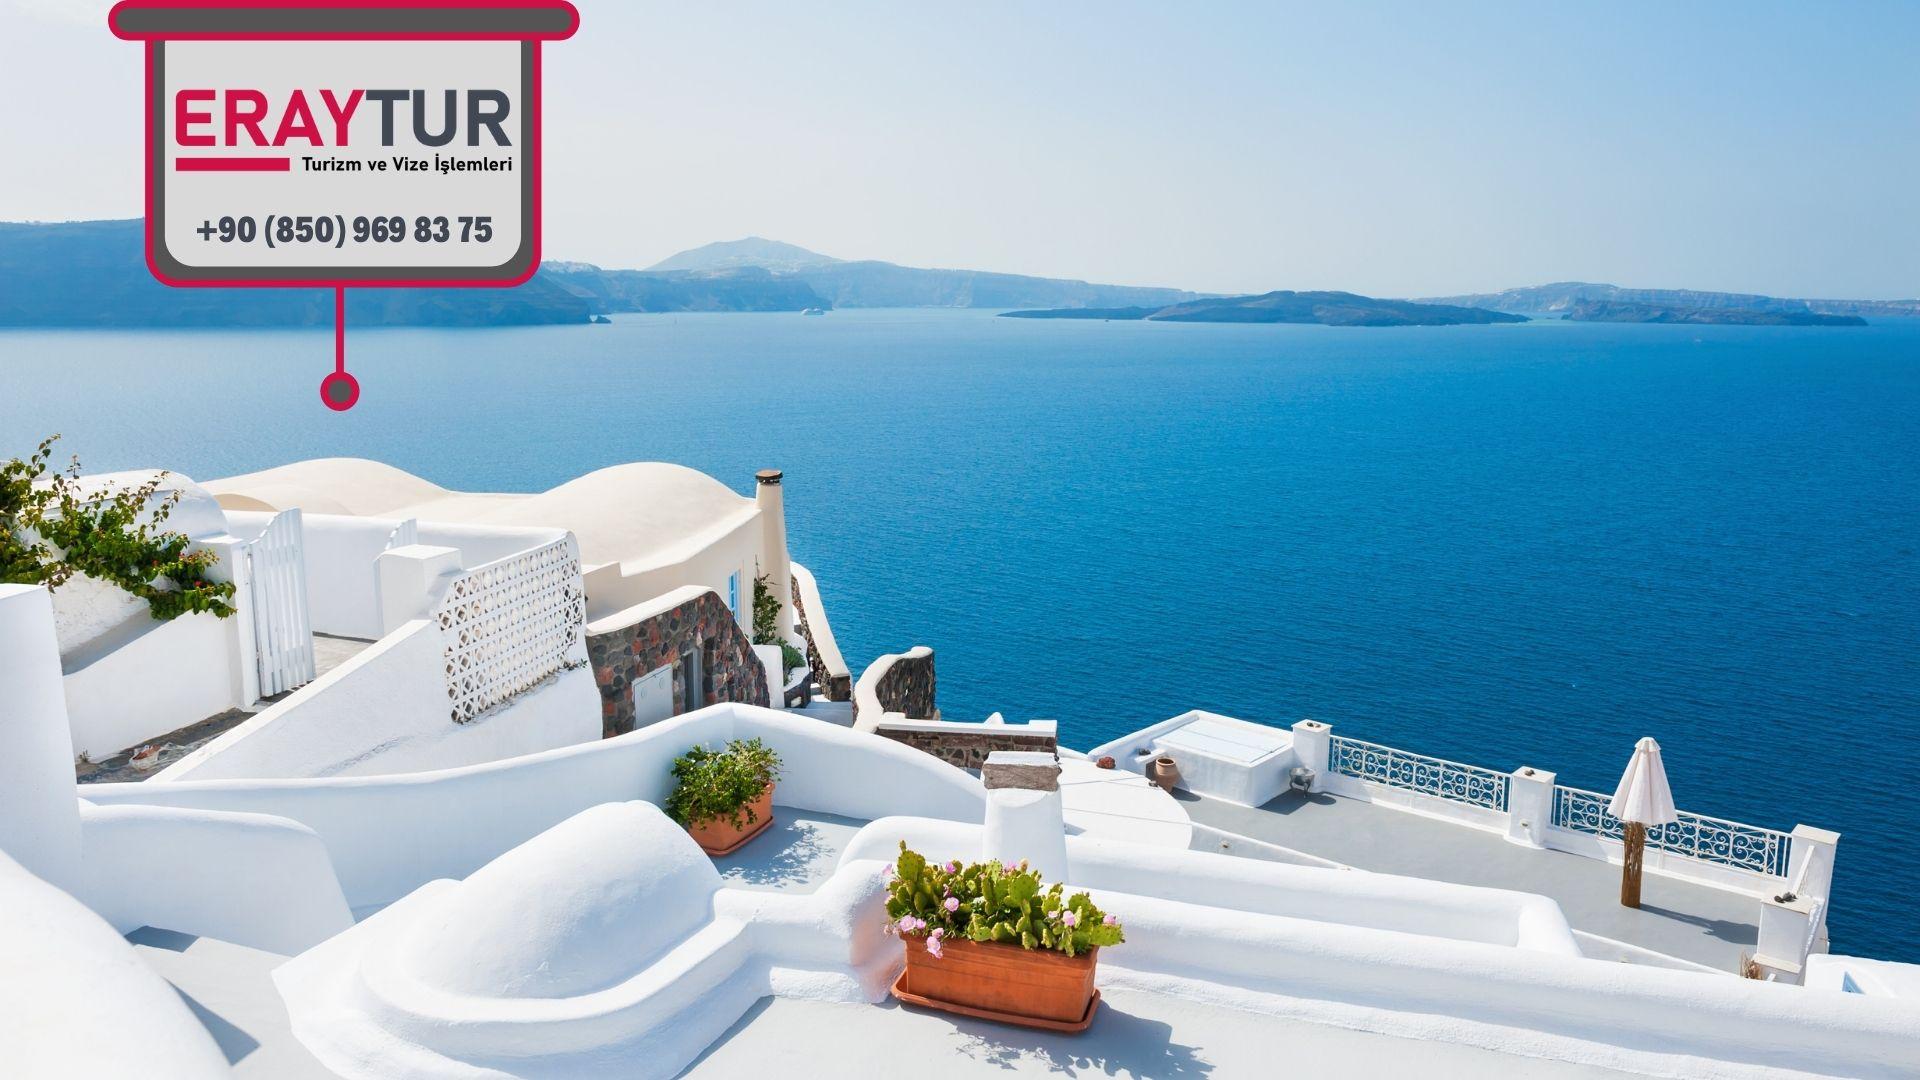 Yunanistan Turistik Vize Çiftçi Evrakları